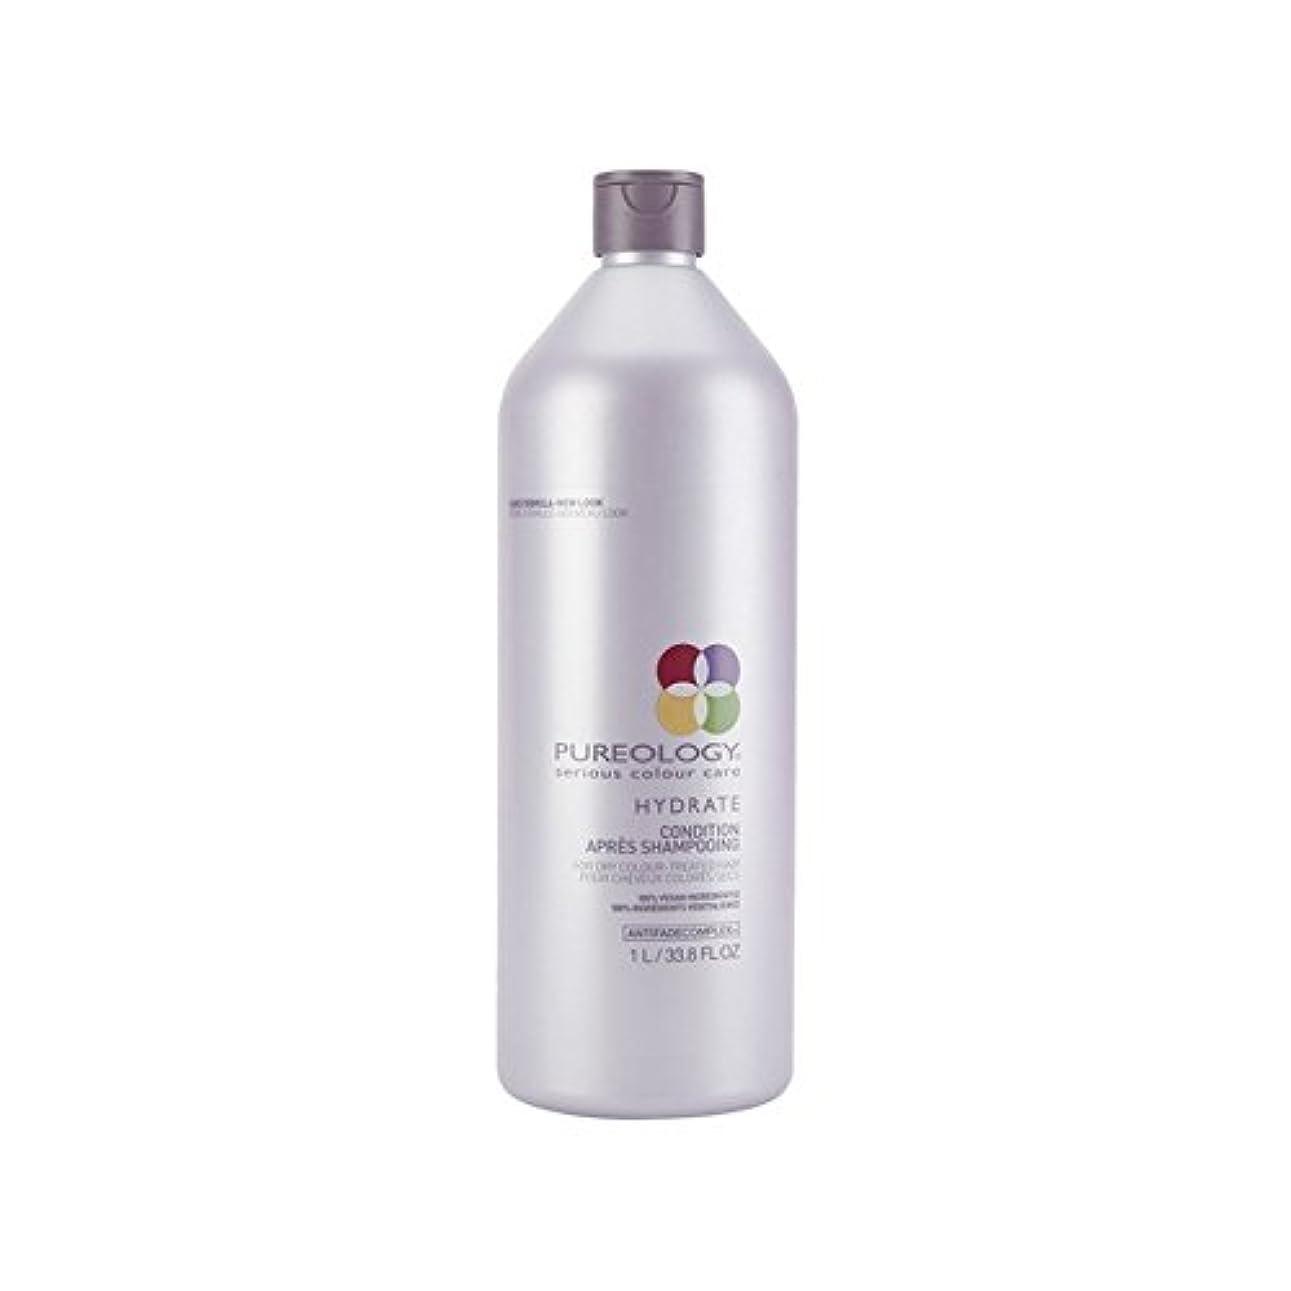 差し引く水を飲む言うまでもなく純粋な水和物コンディショナー(千ミリリットル) x4 - Pureology Pure Hydrate Conditioner (1000ml) (Pack of 4) [並行輸入品]